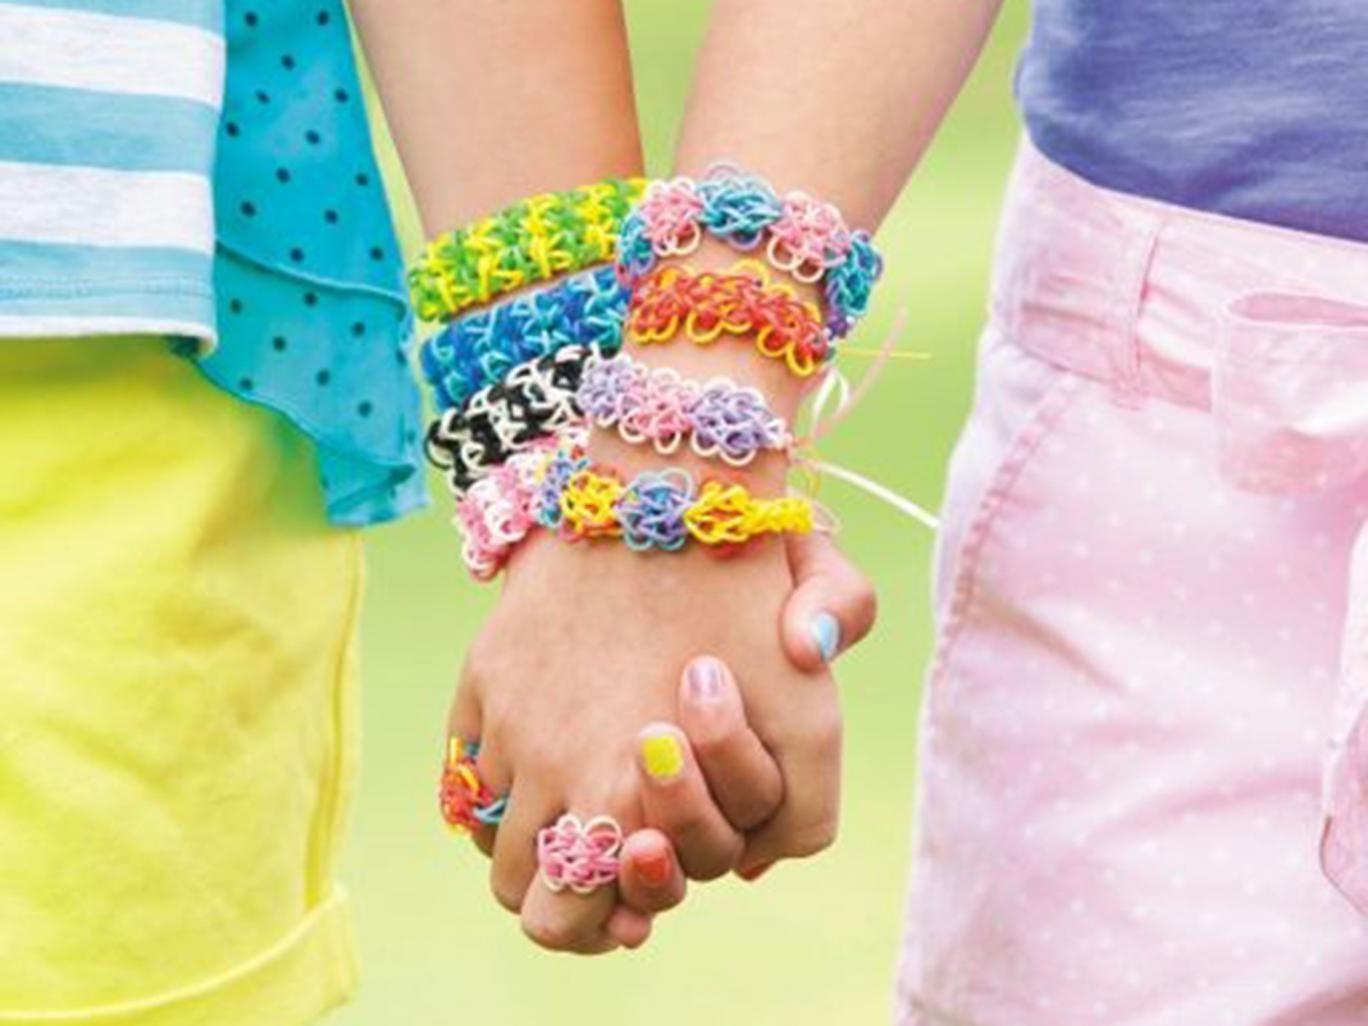 The Rainbow Loom weaves elastics into bracelets